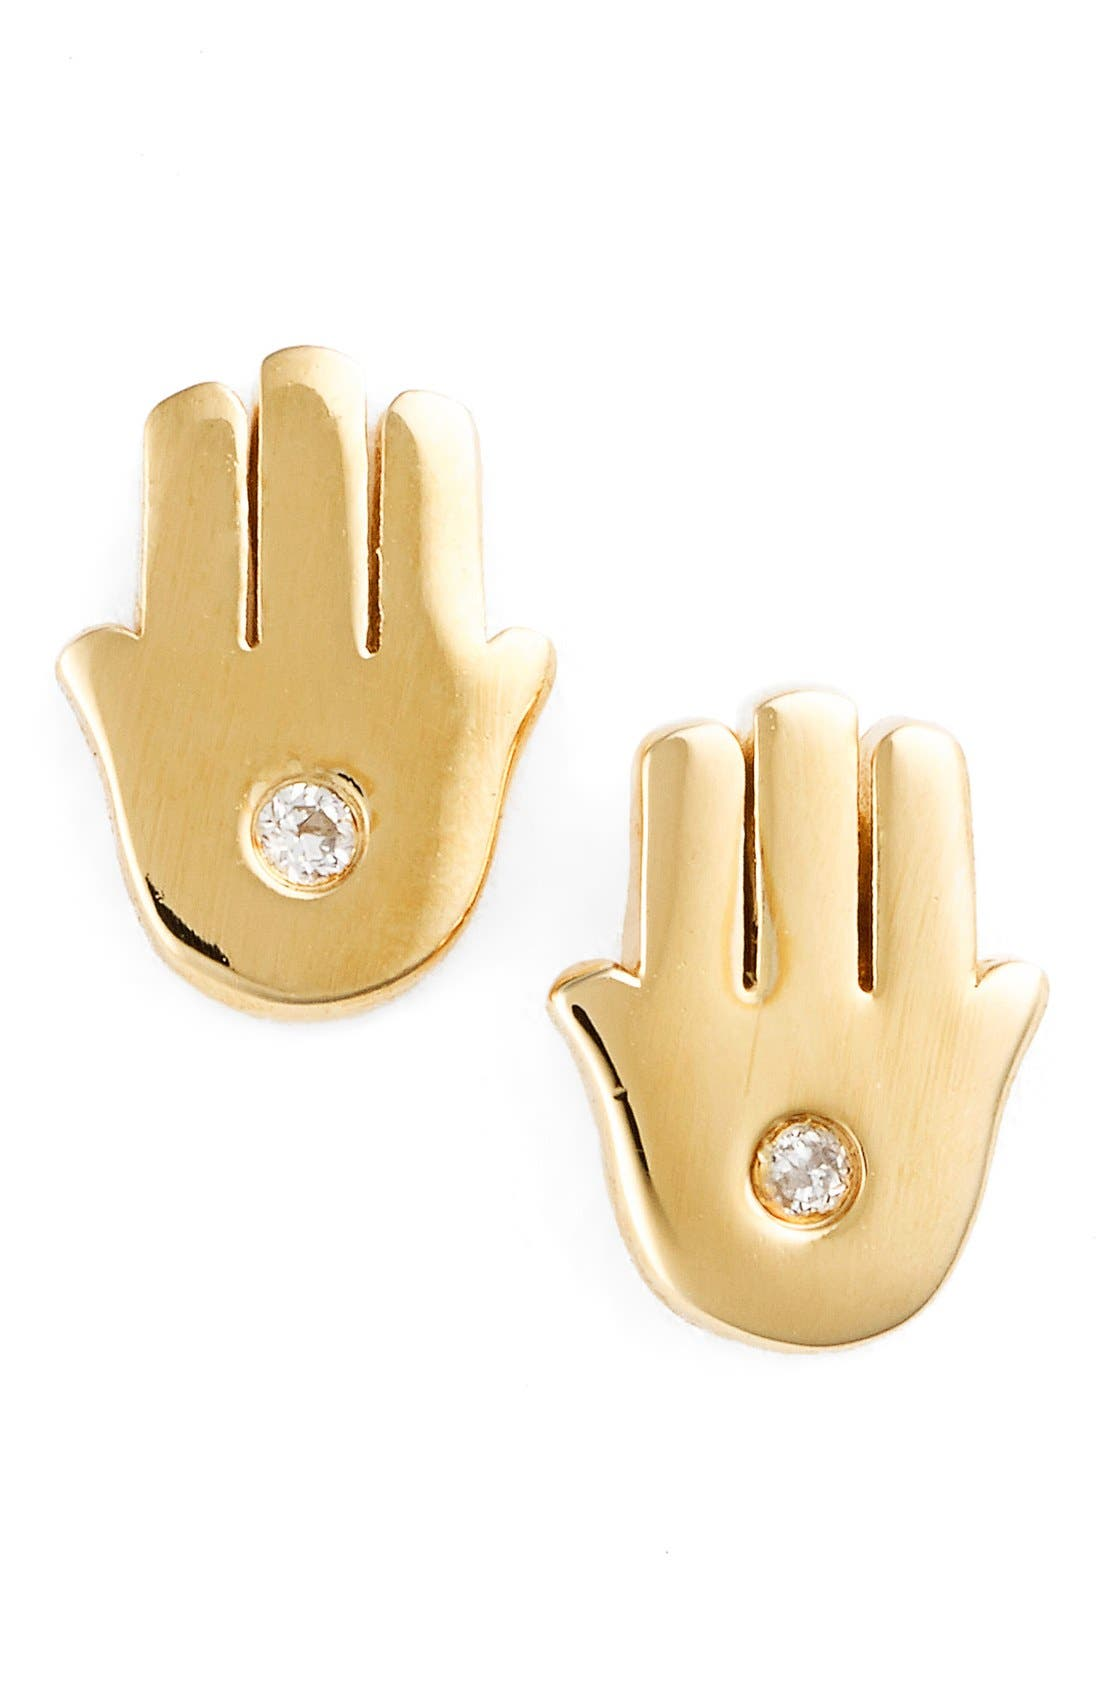 Hamsa Stud Earrings,                             Main thumbnail 1, color,                             GOLD